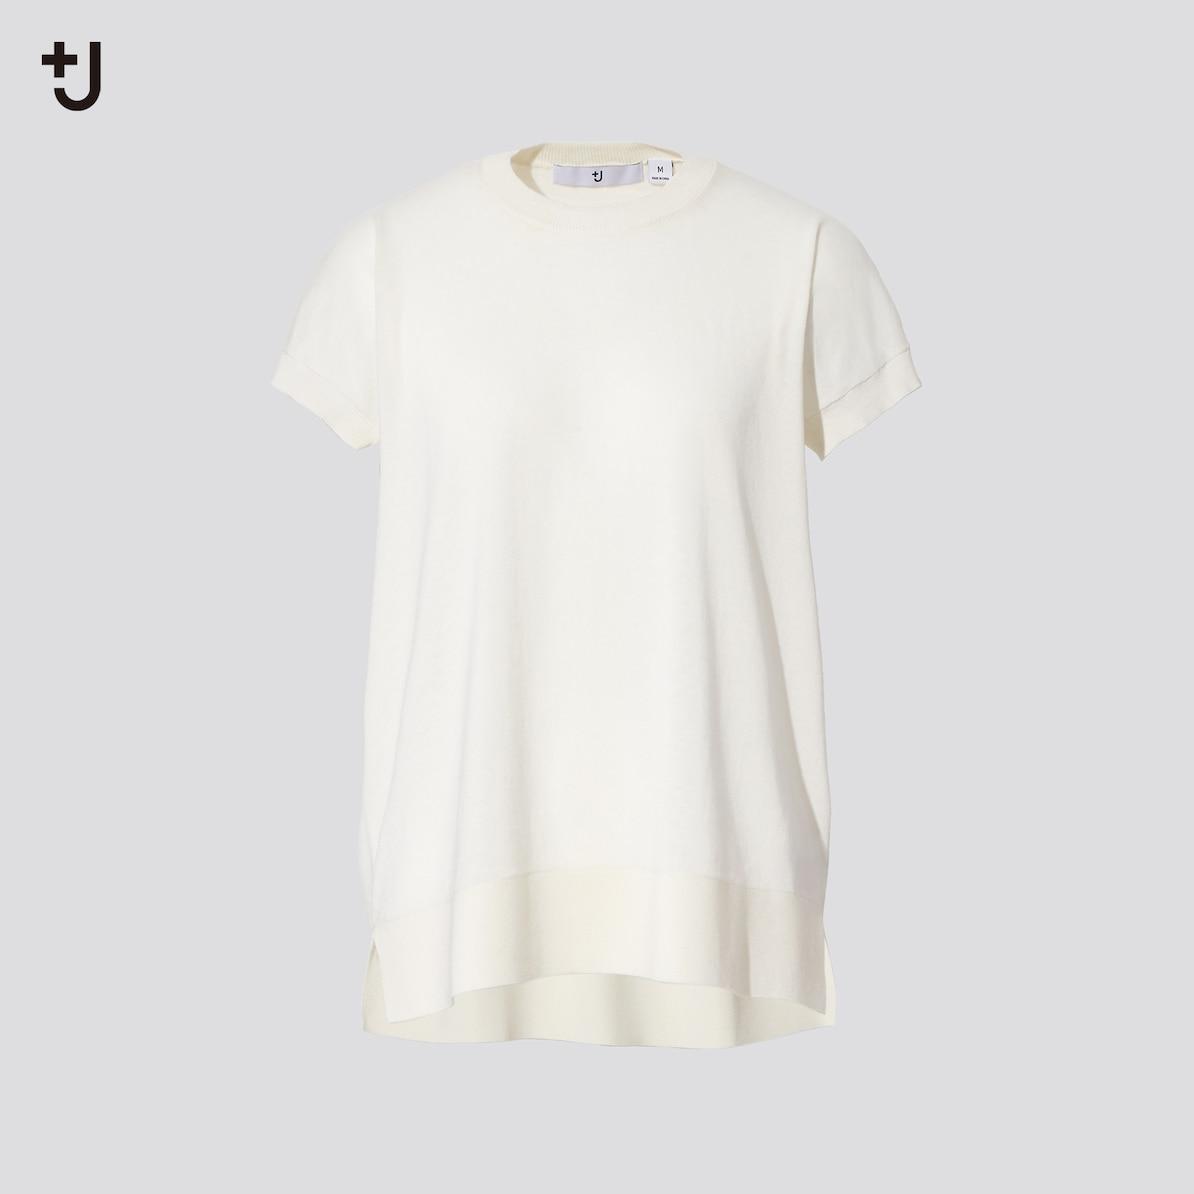 シルクコットンクルーネックセーター(半袖)